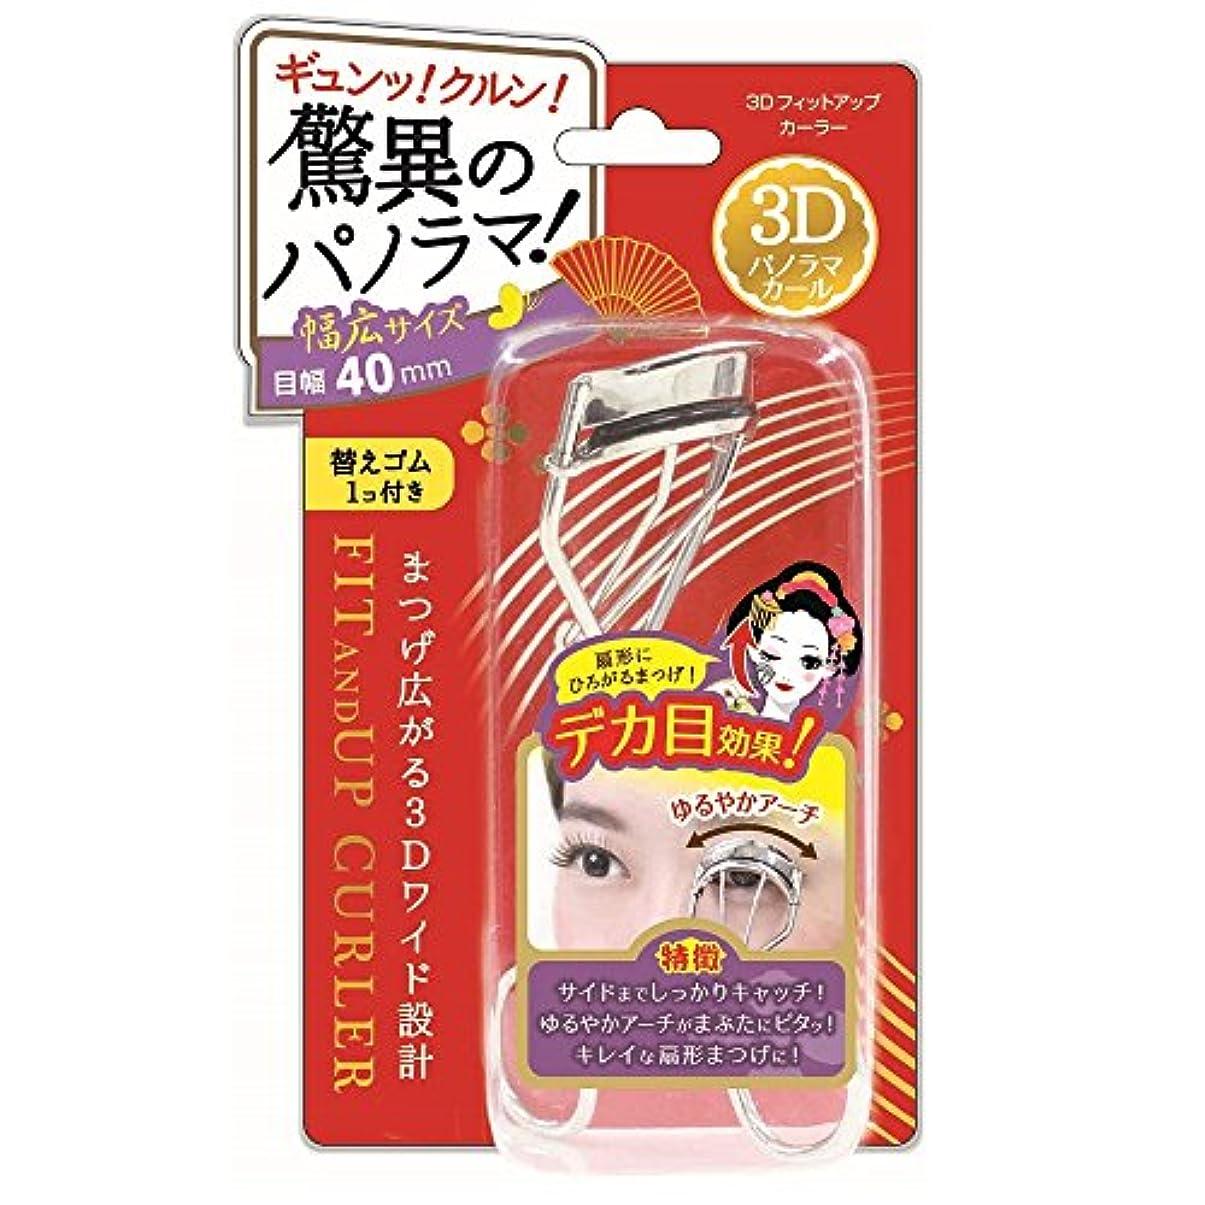 ボーナスエイズ警報3Dフィットアップカーラー【FUC682】